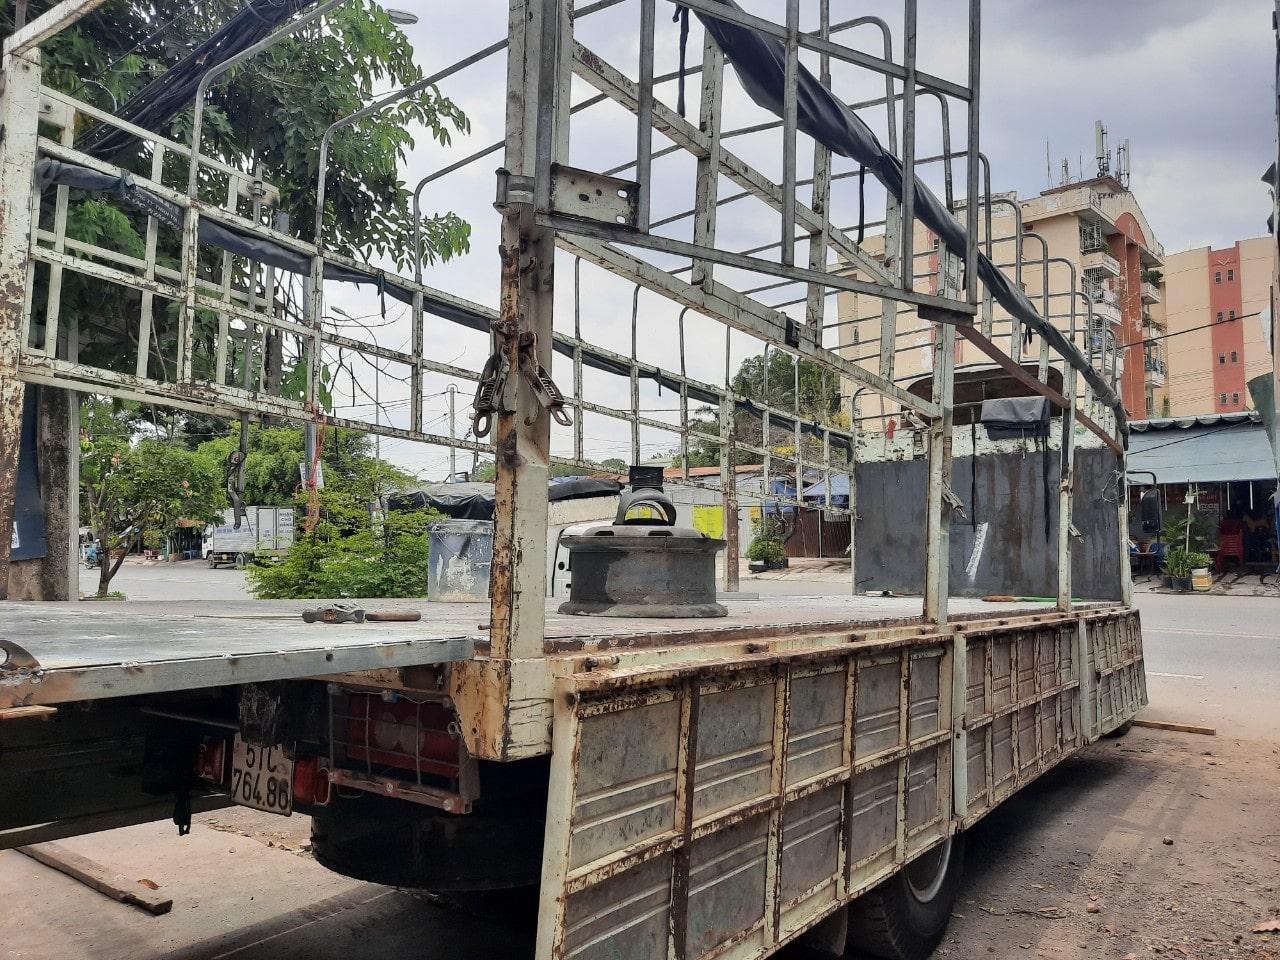 Dịch vụ cho thuê xe tải chở hàng giá rẻ - vận chuyển hàng hoá chuyên nghiệp tại tphcnm